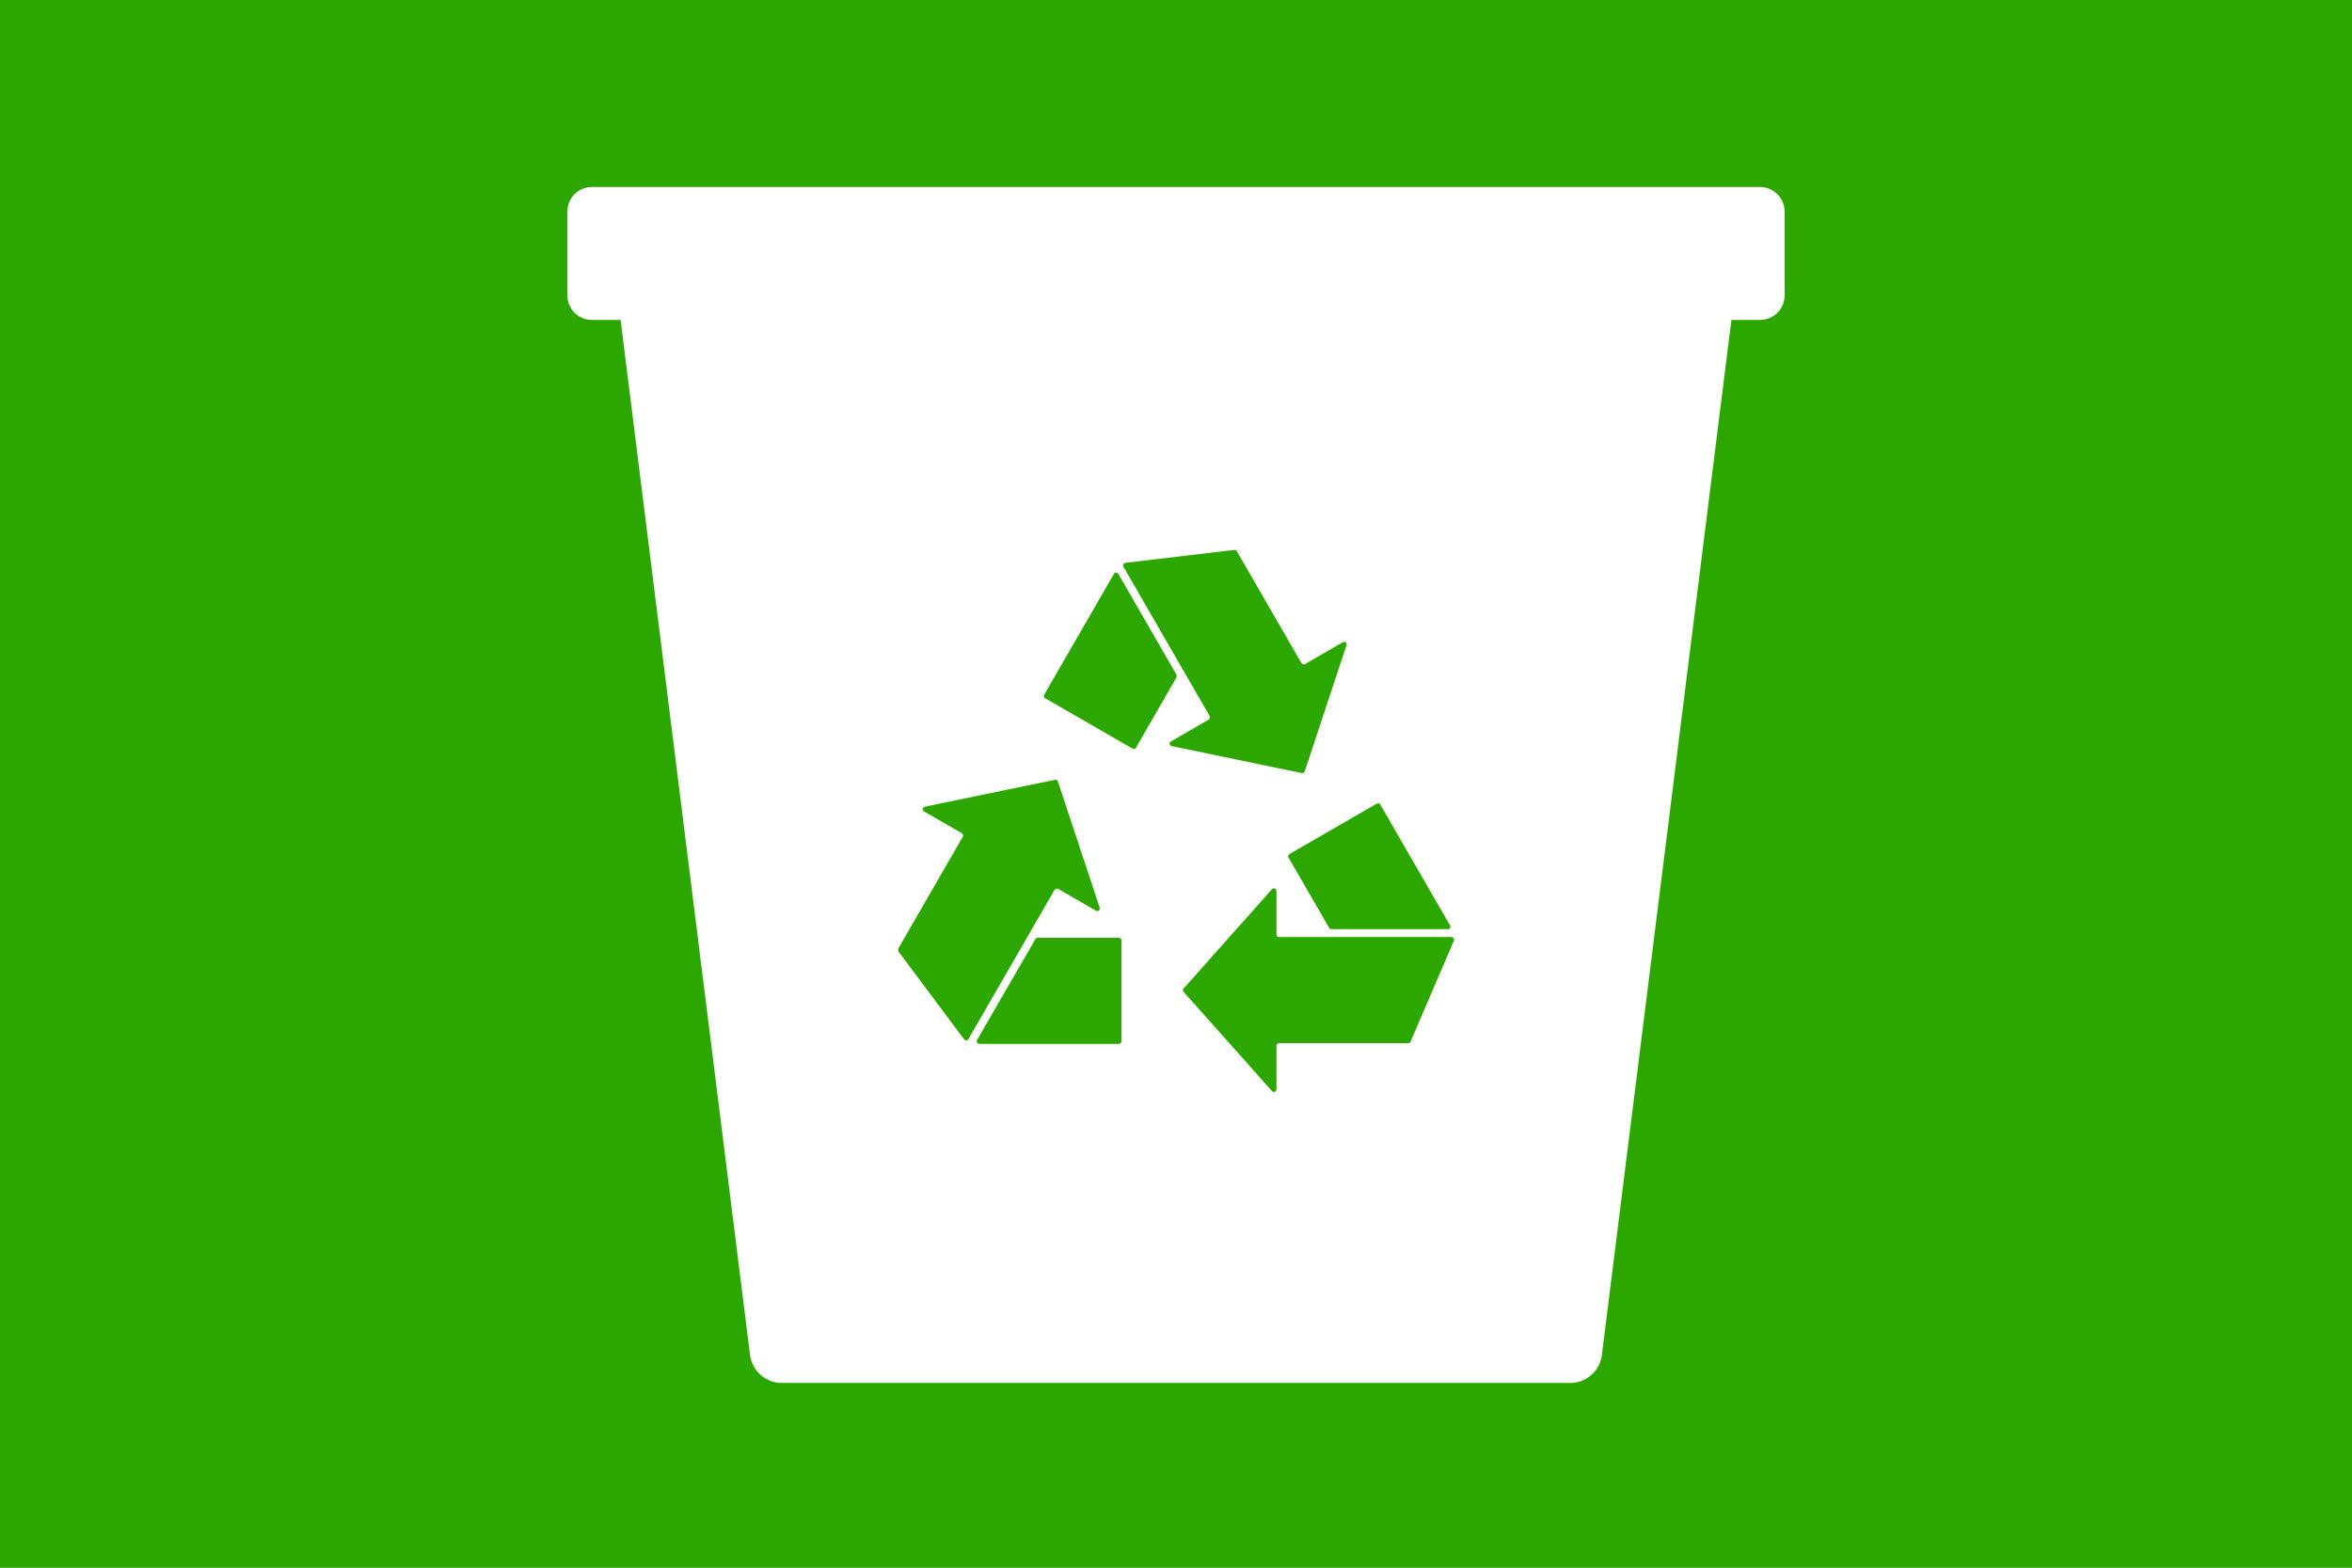 Recycling Resumes May 11